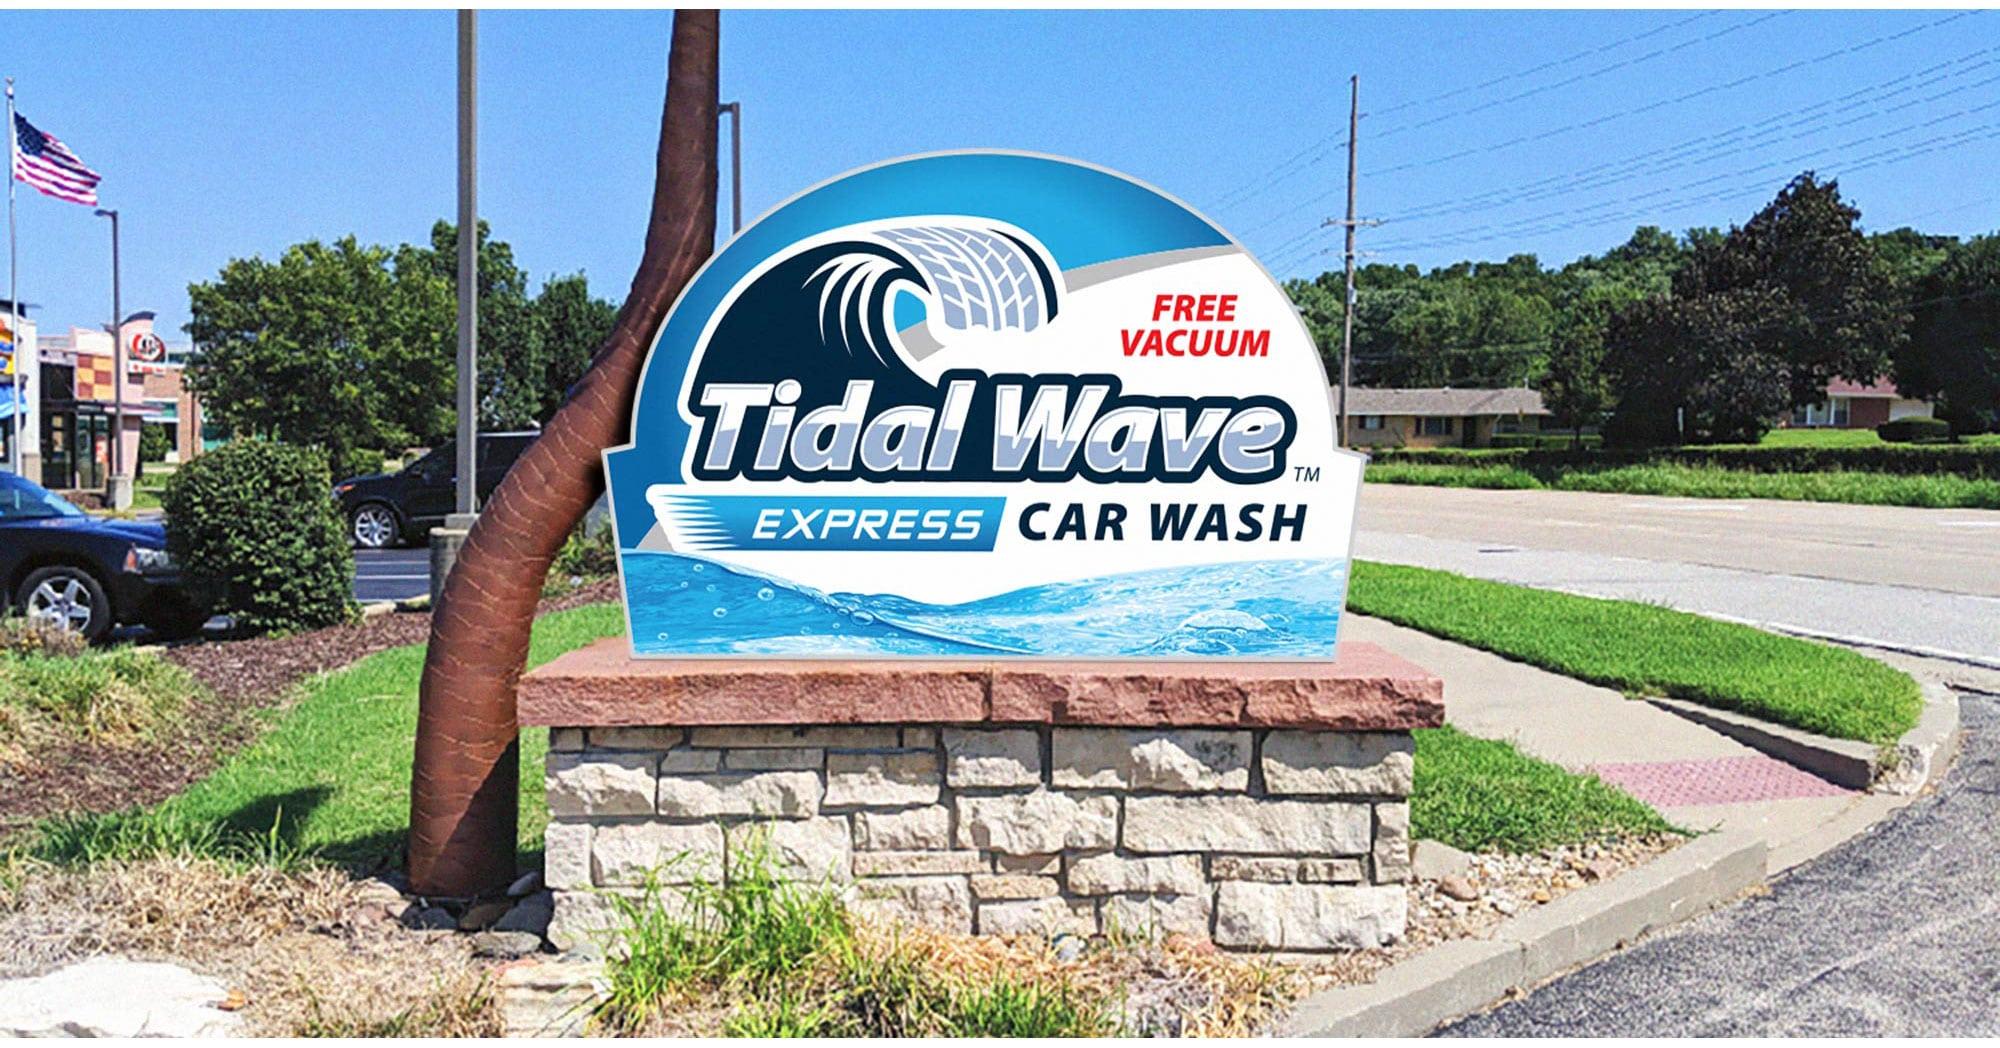 Tidal Wave Express Monument Sign Design